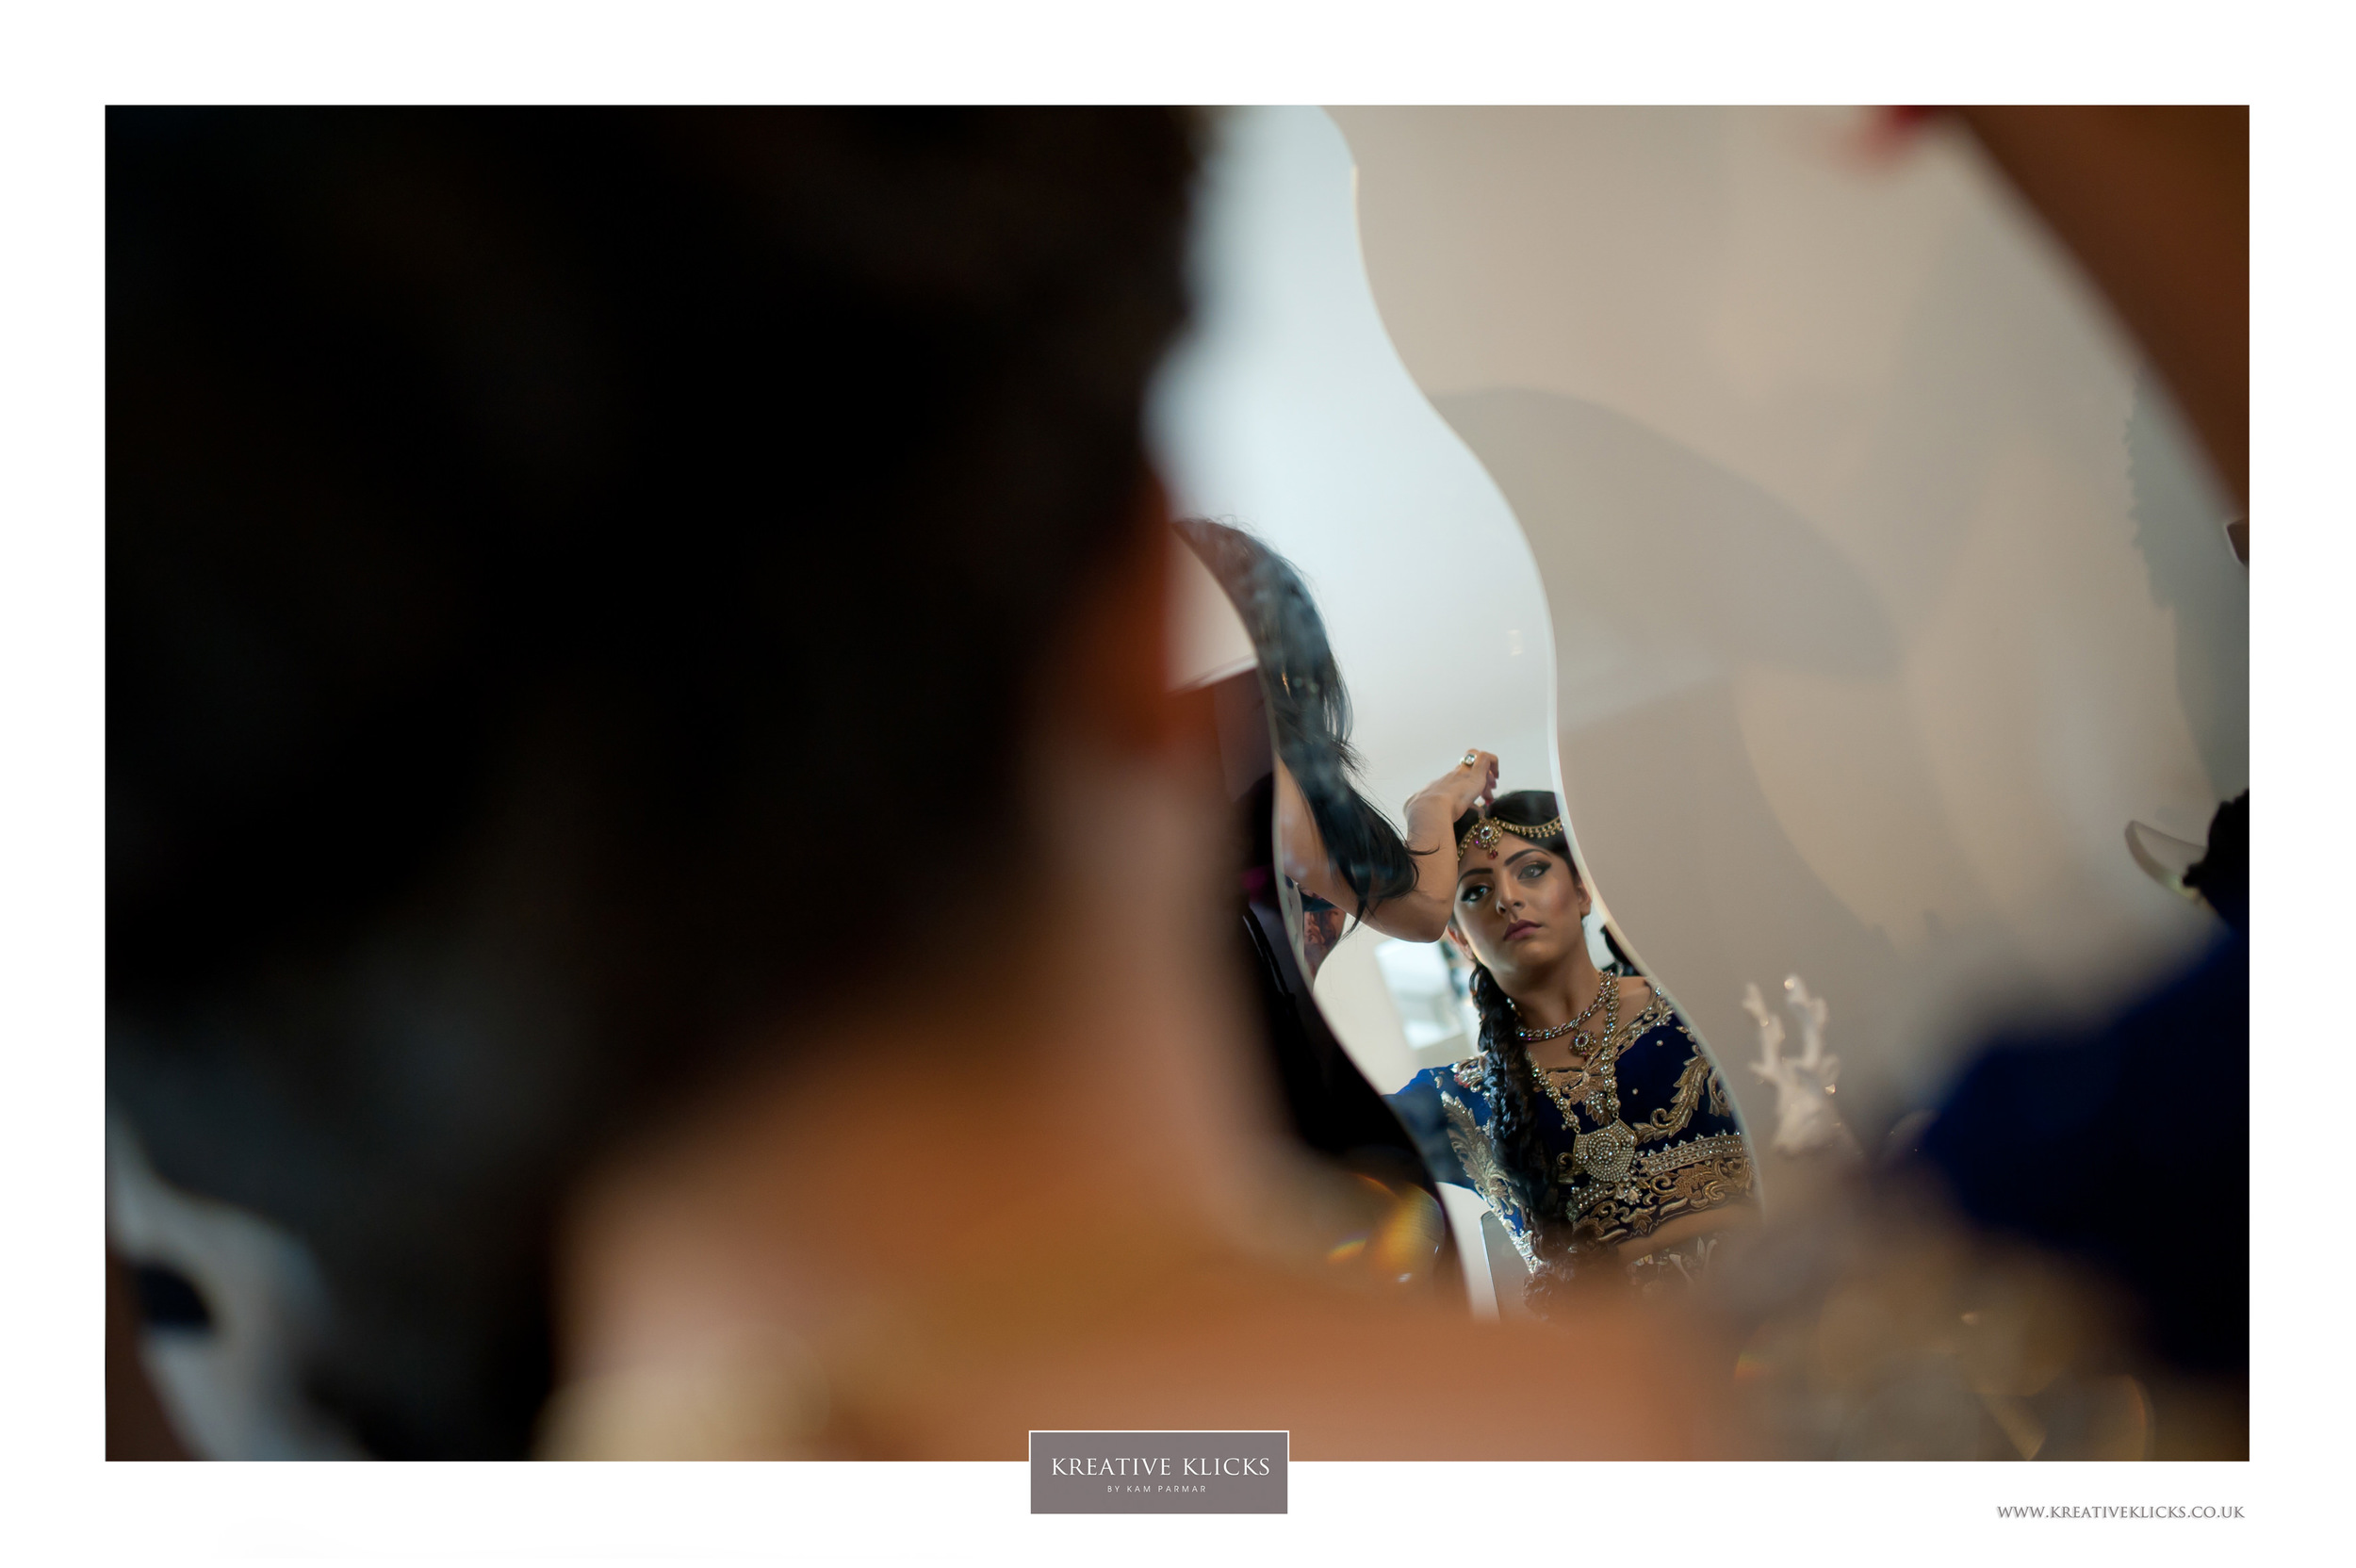 H&M_Hindu-7 KK.jpg